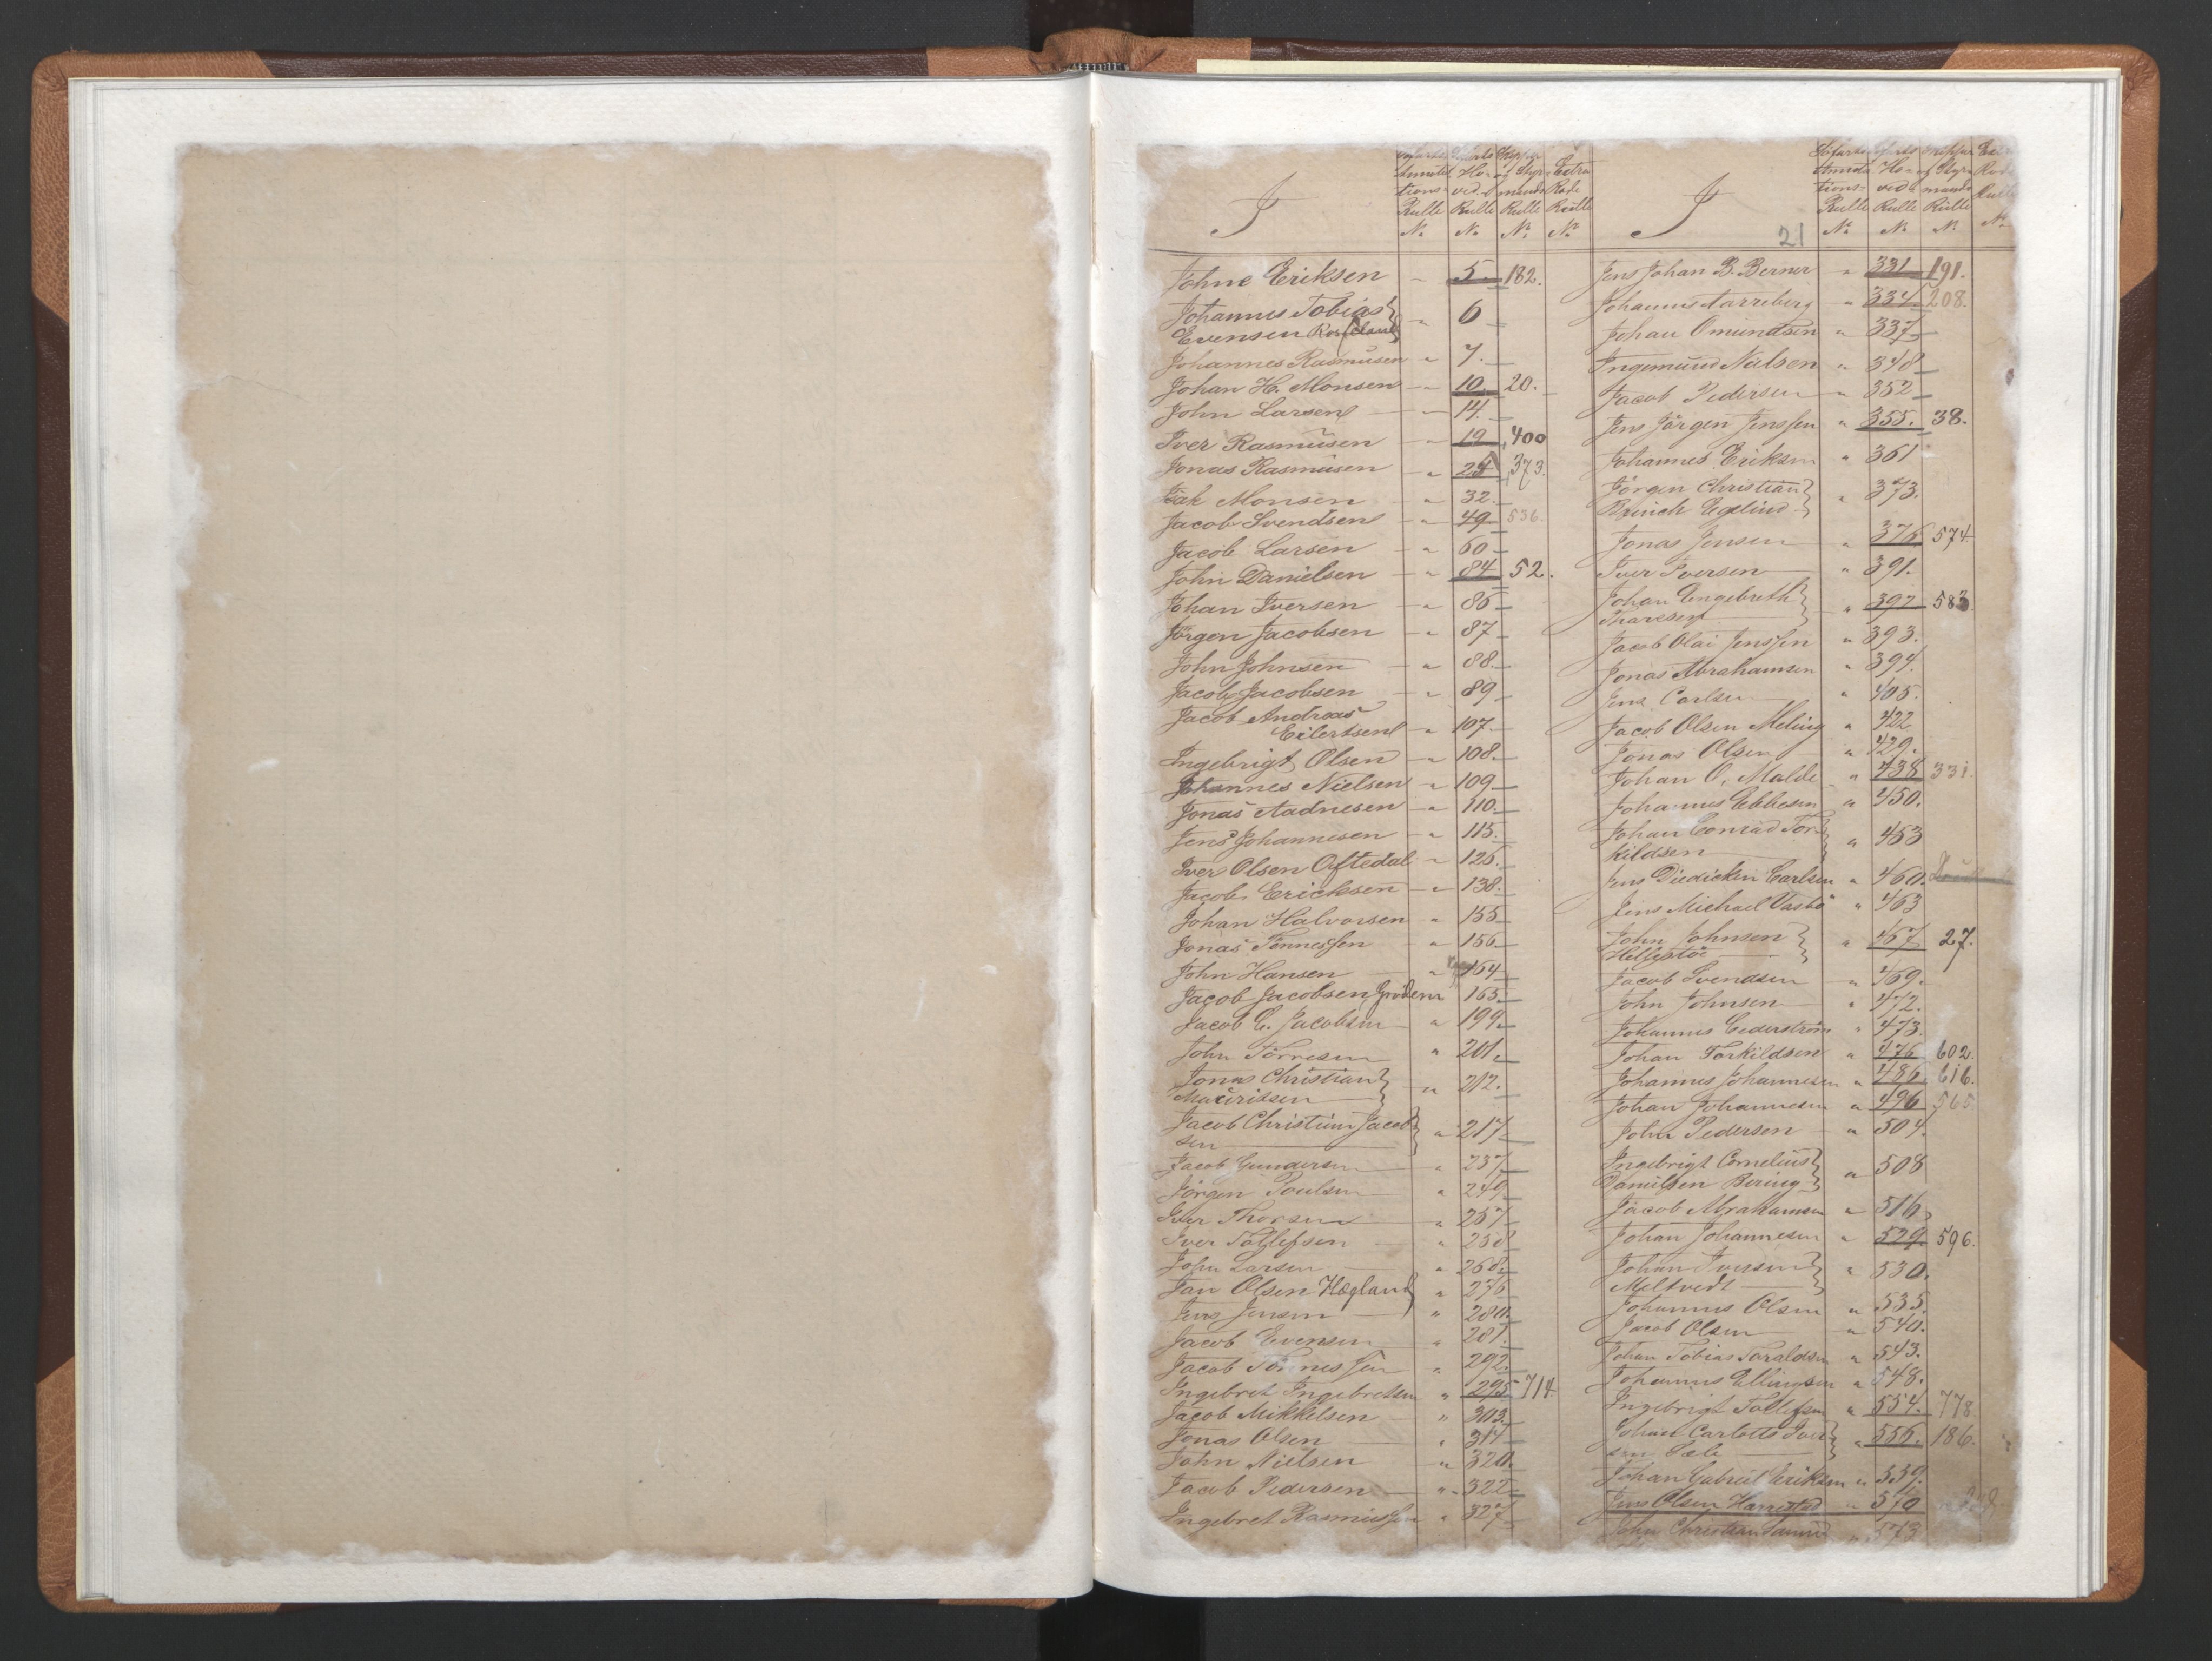 SAST, Stavanger sjømannskontor, F/Fb/Fba/L0002: Navneregister sjøfartsruller, 1860-1869, s. 22